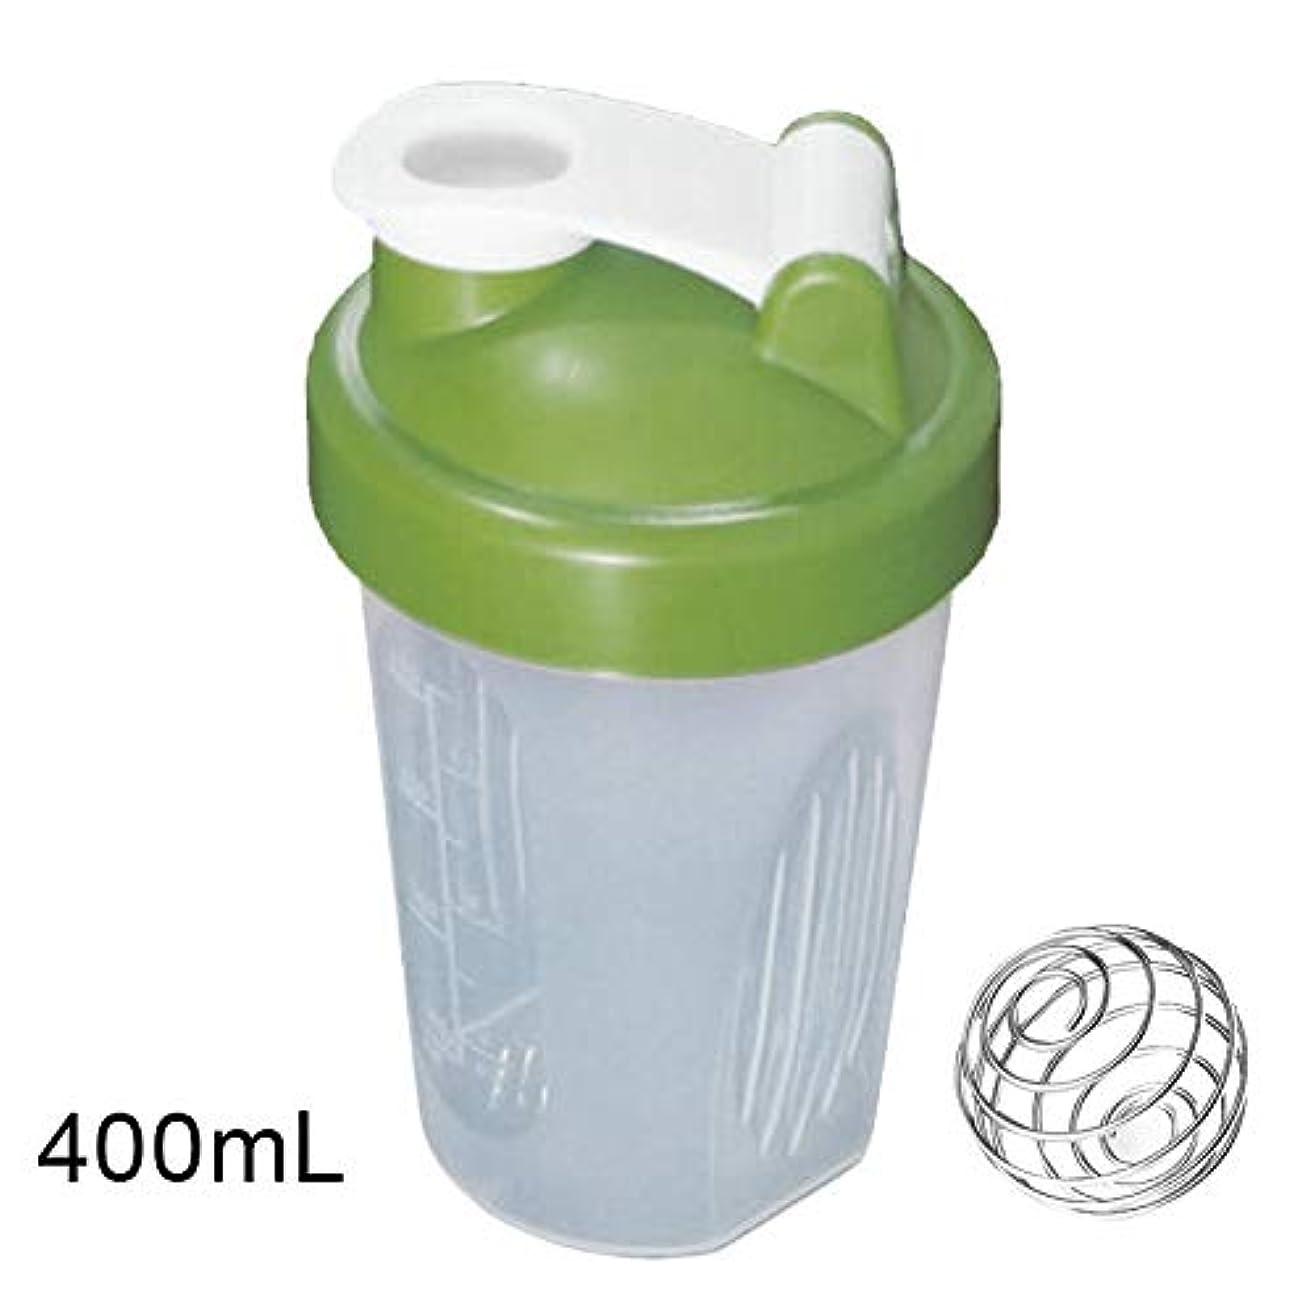 軍艦ヘルメット卵SweetiChic シェイクザカップ 400/600ミリリットル プロテインパウダーミキシングカップ 封印 漏れ防止 シェイクボトル攪拌ボール プロテインパウダーミキシング 飲料水ジュース用